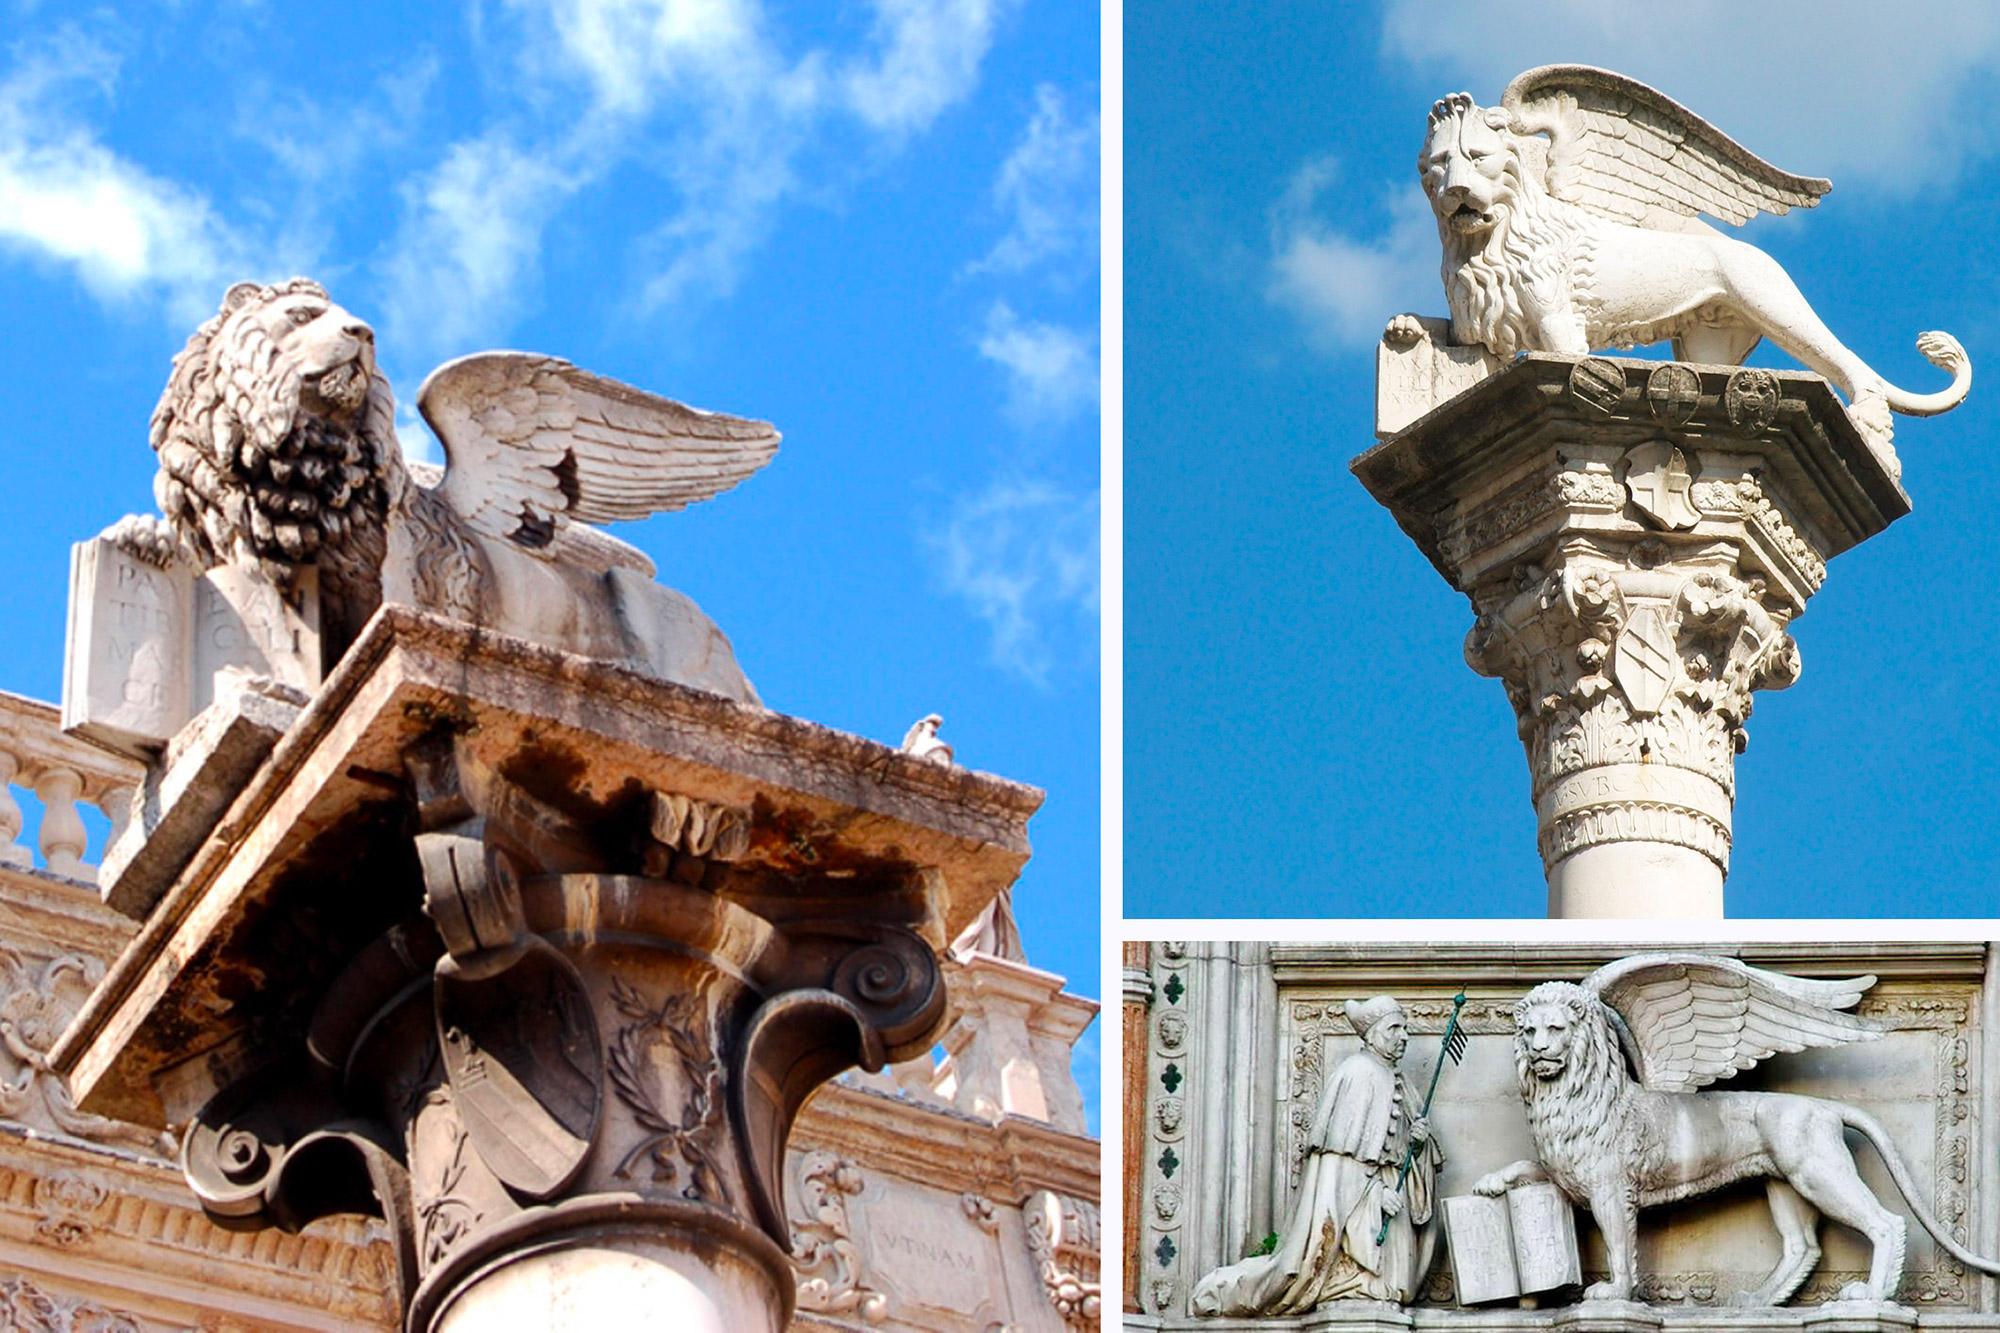 Leone-di-san-marco-venezia-soria-e-significato